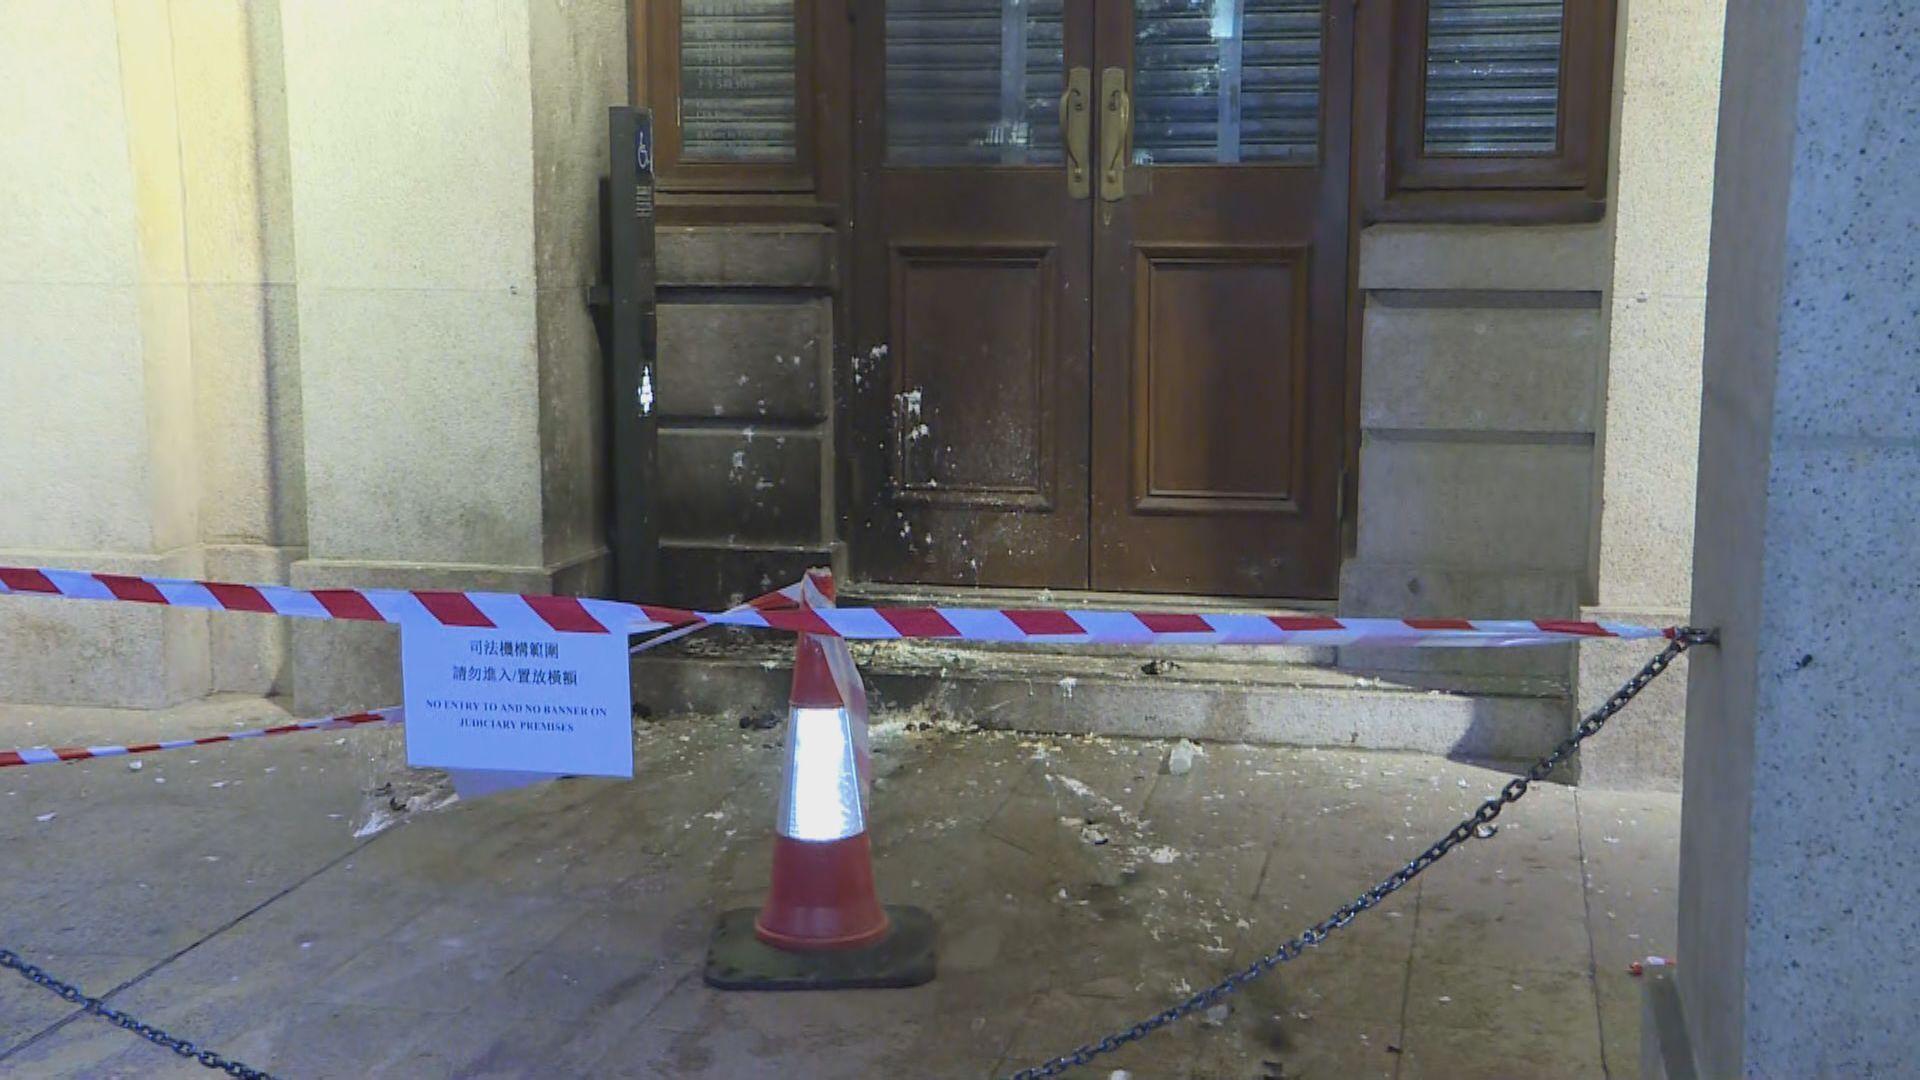 警方對示威者破壞社會安寧行為表示遺憾